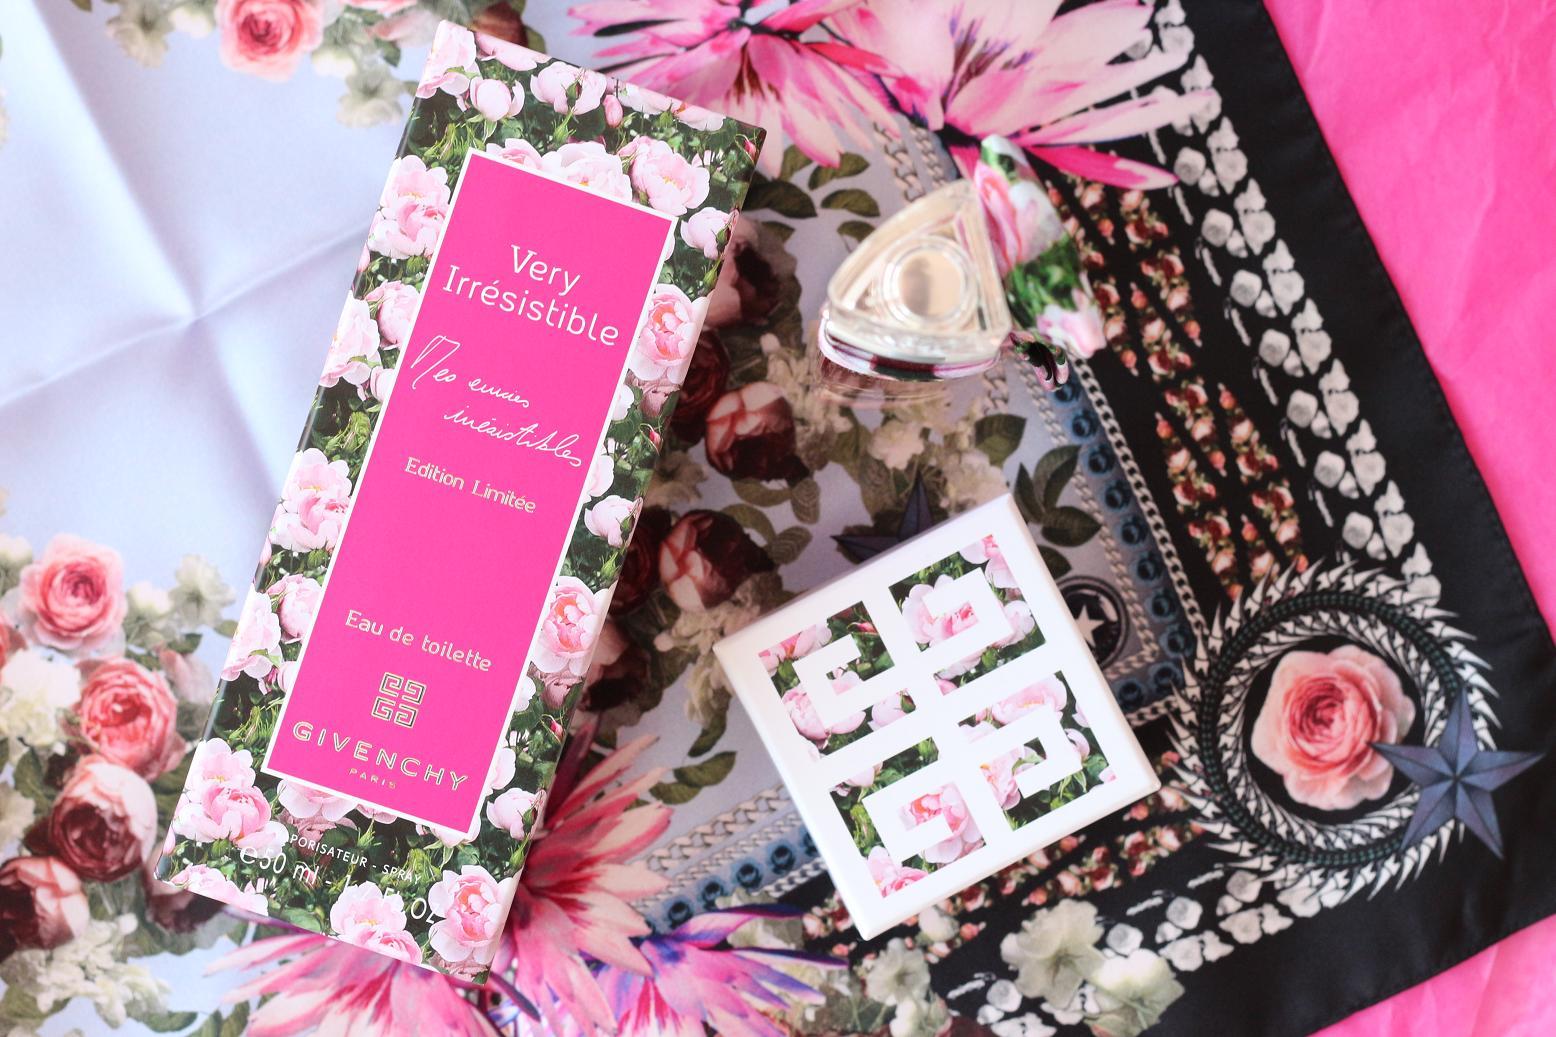 Givenchy Very Irrésistible eau de toilette limited edition